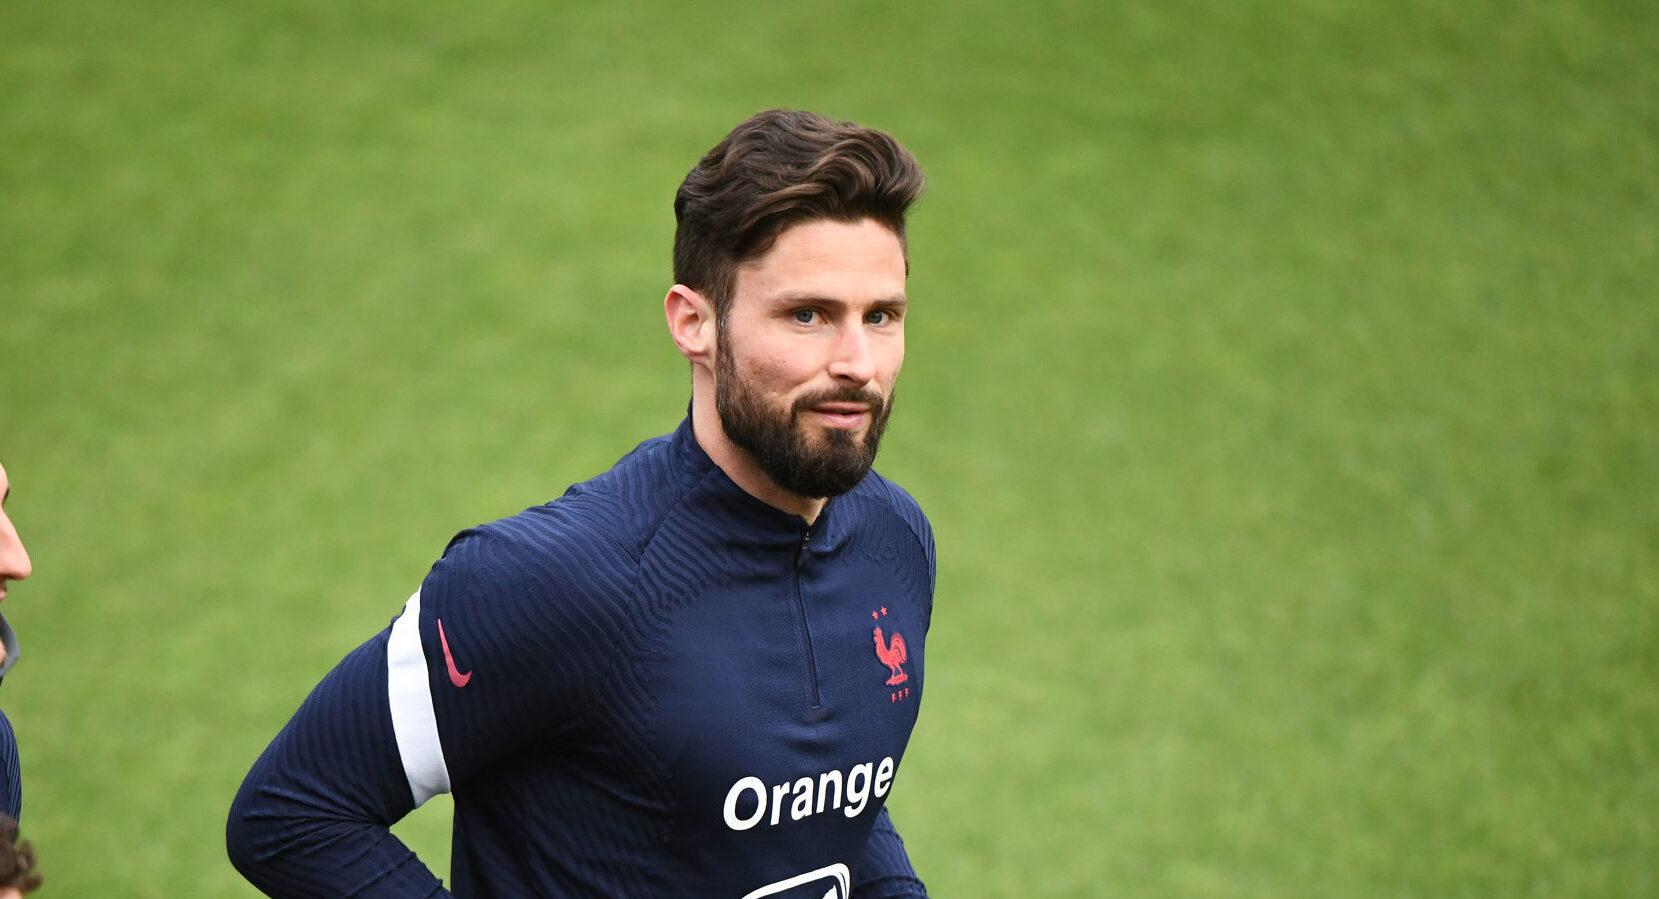 Olivier Giroud a vu son statut rétrogradé en équipe de France depuis le retour de Karim Benzema, mais il a assuré que son ego n'entrait pas en compte et qu'il donnerait tout pour le collectif. Icon Sport